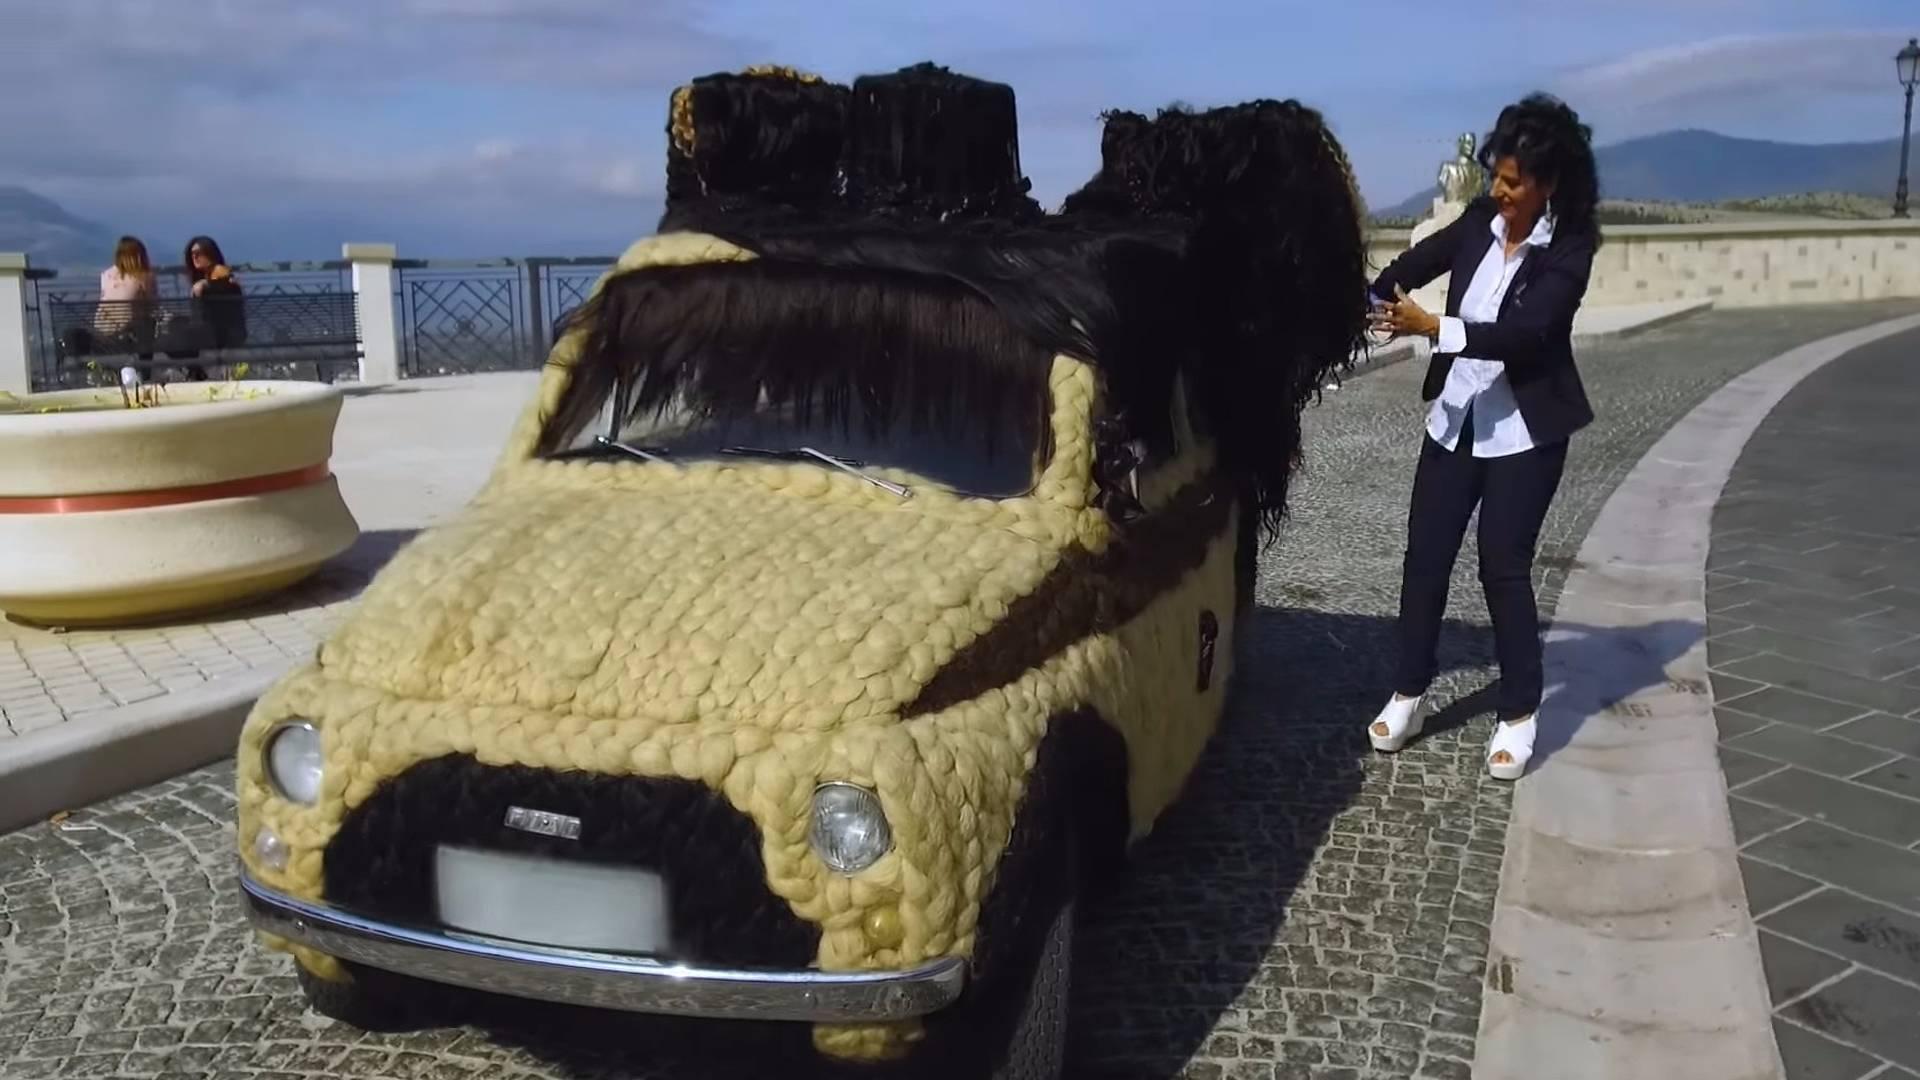 Итальянка сделала автомобилю «прическу» из человеческих волос 1